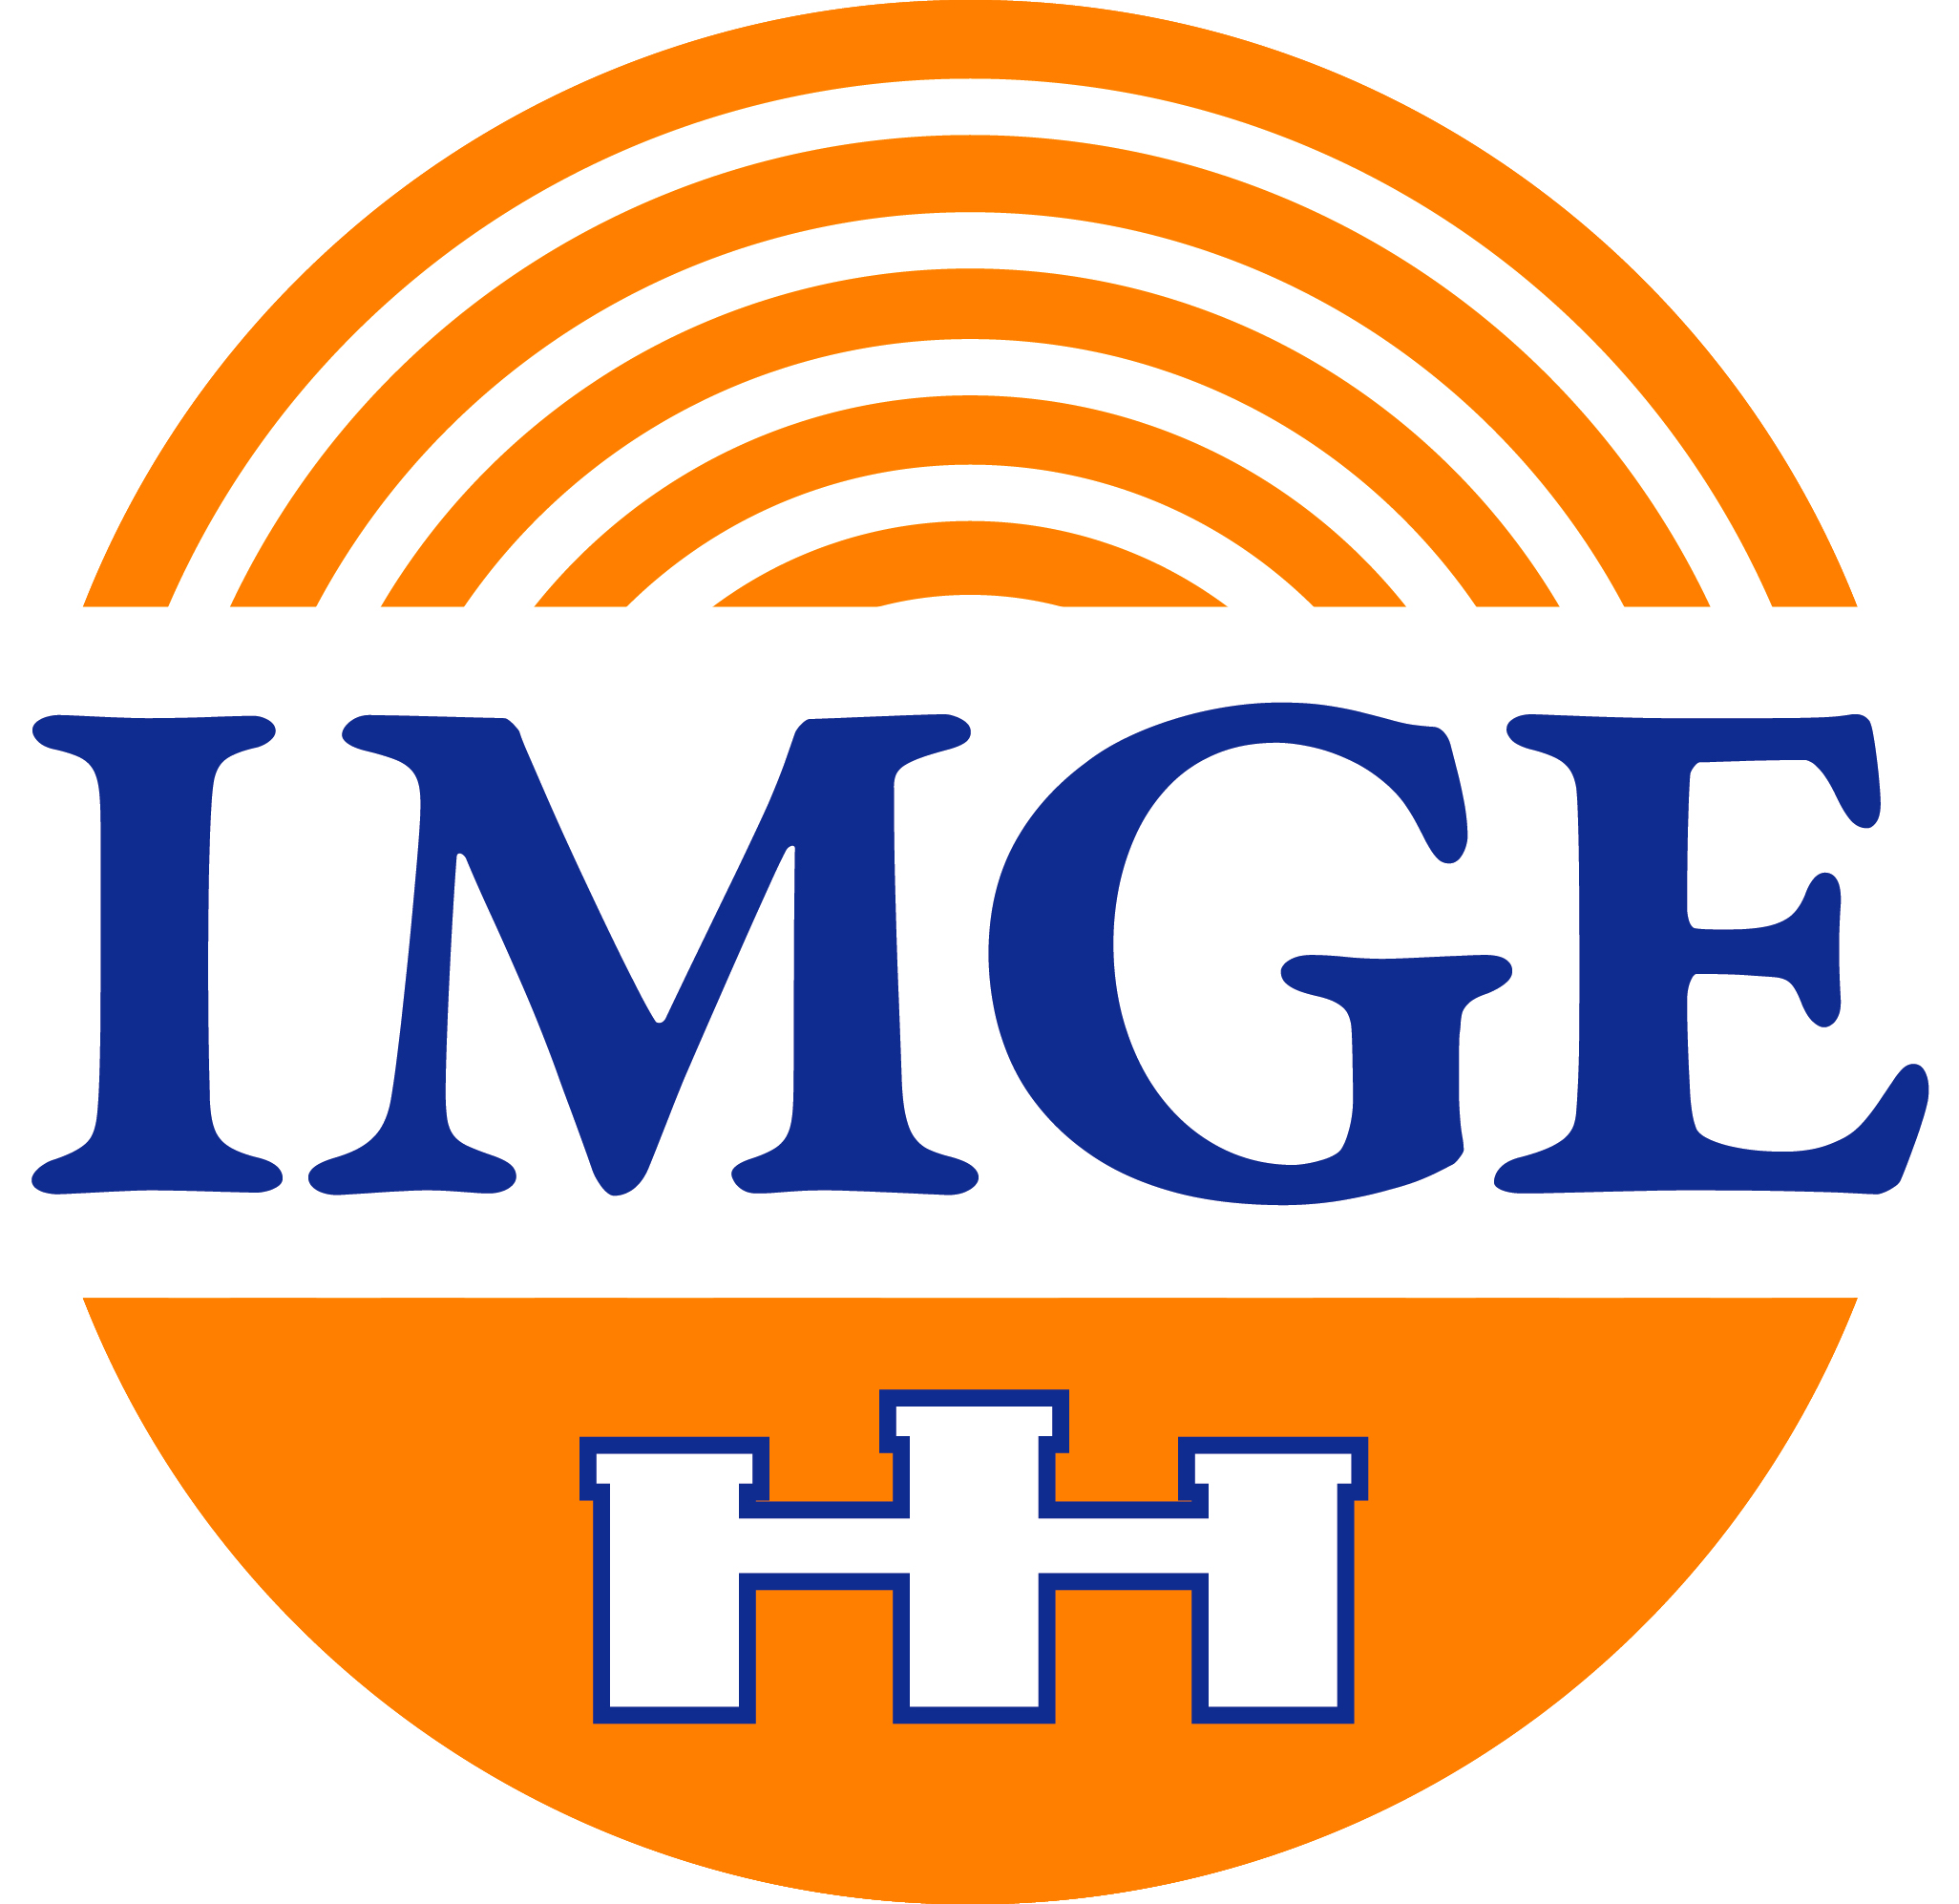 IMGE Psychologisches Institut für Menschenrechte, Gesundheit und Entwicklung gGmbH (IMGE)